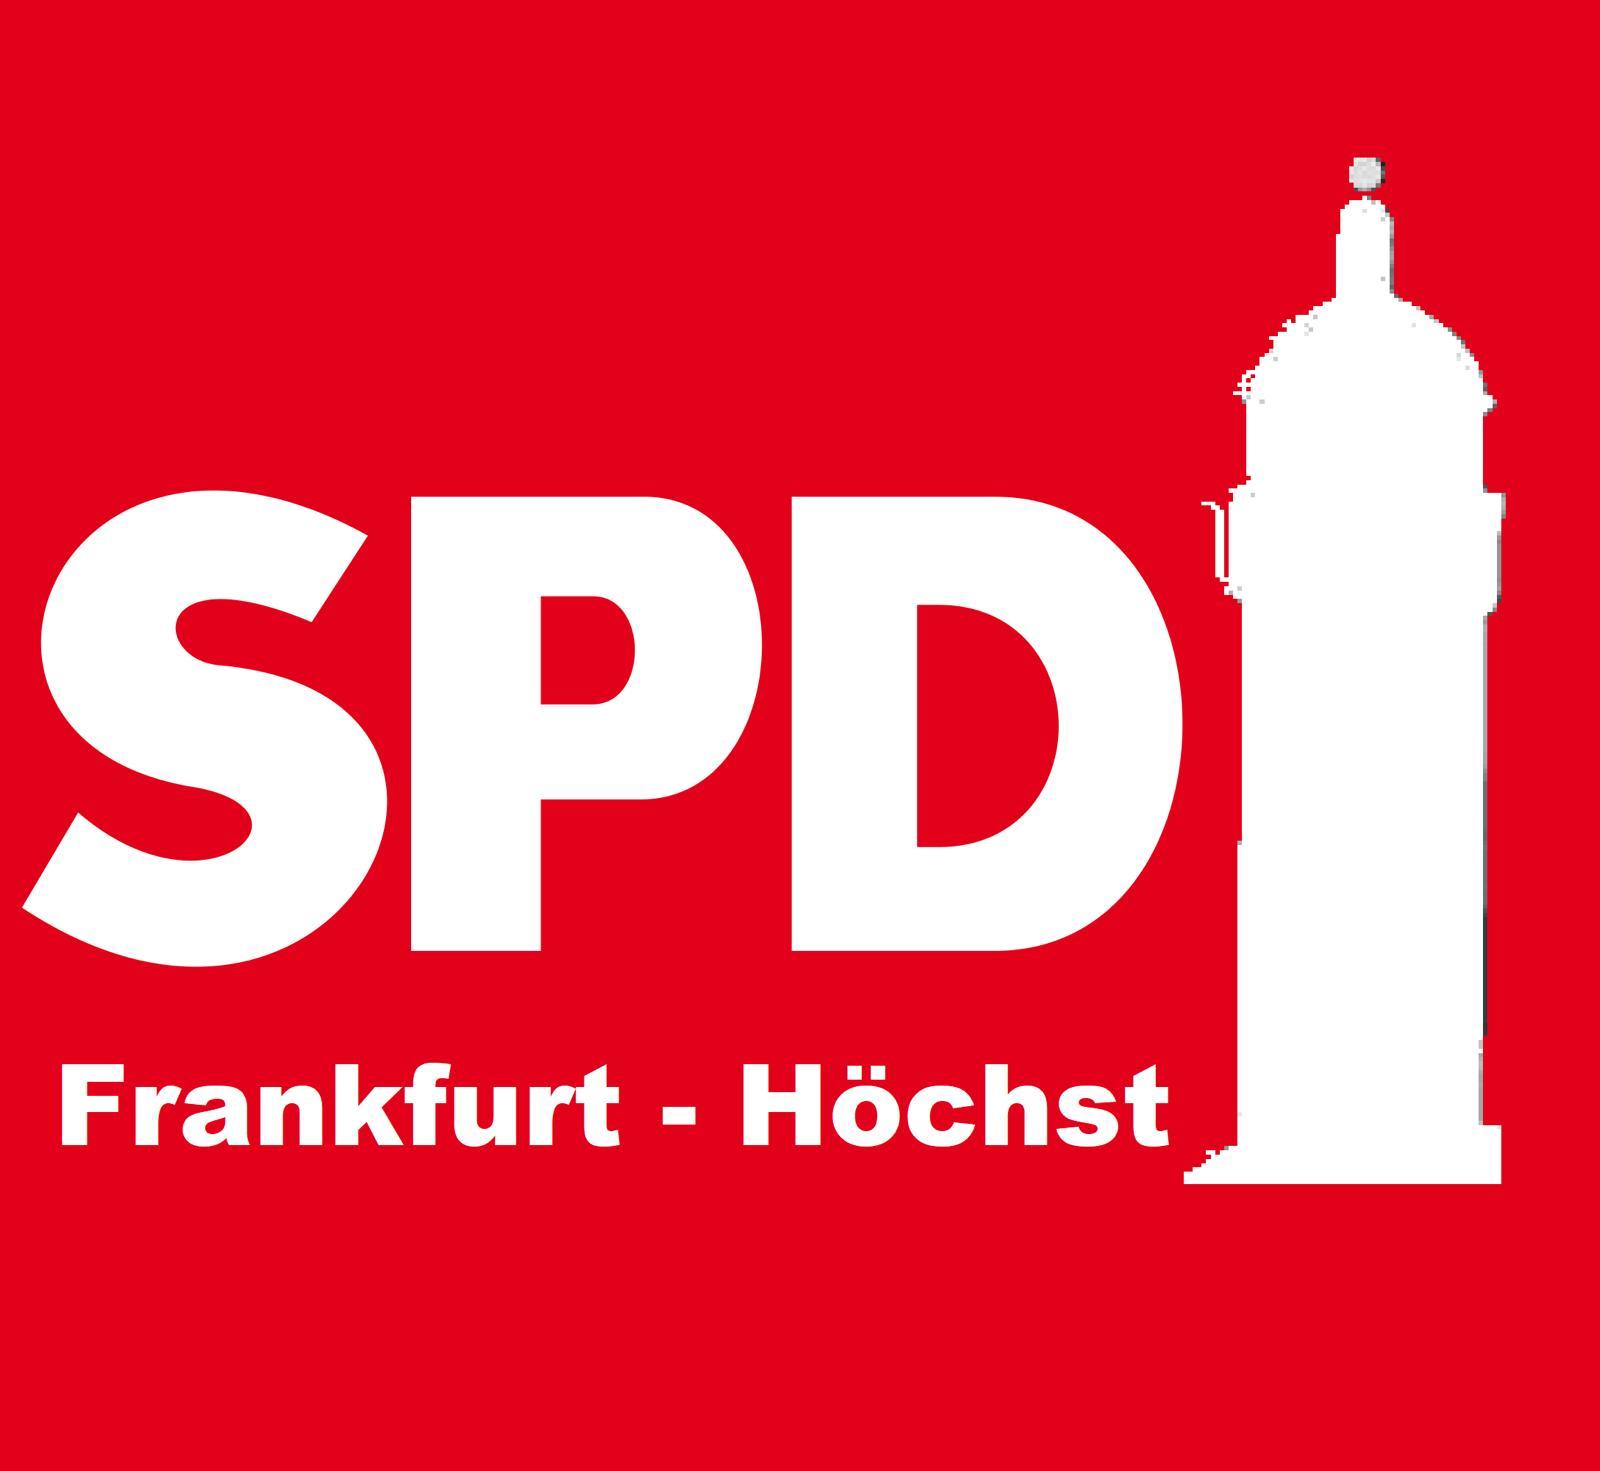 SPD-Höchst